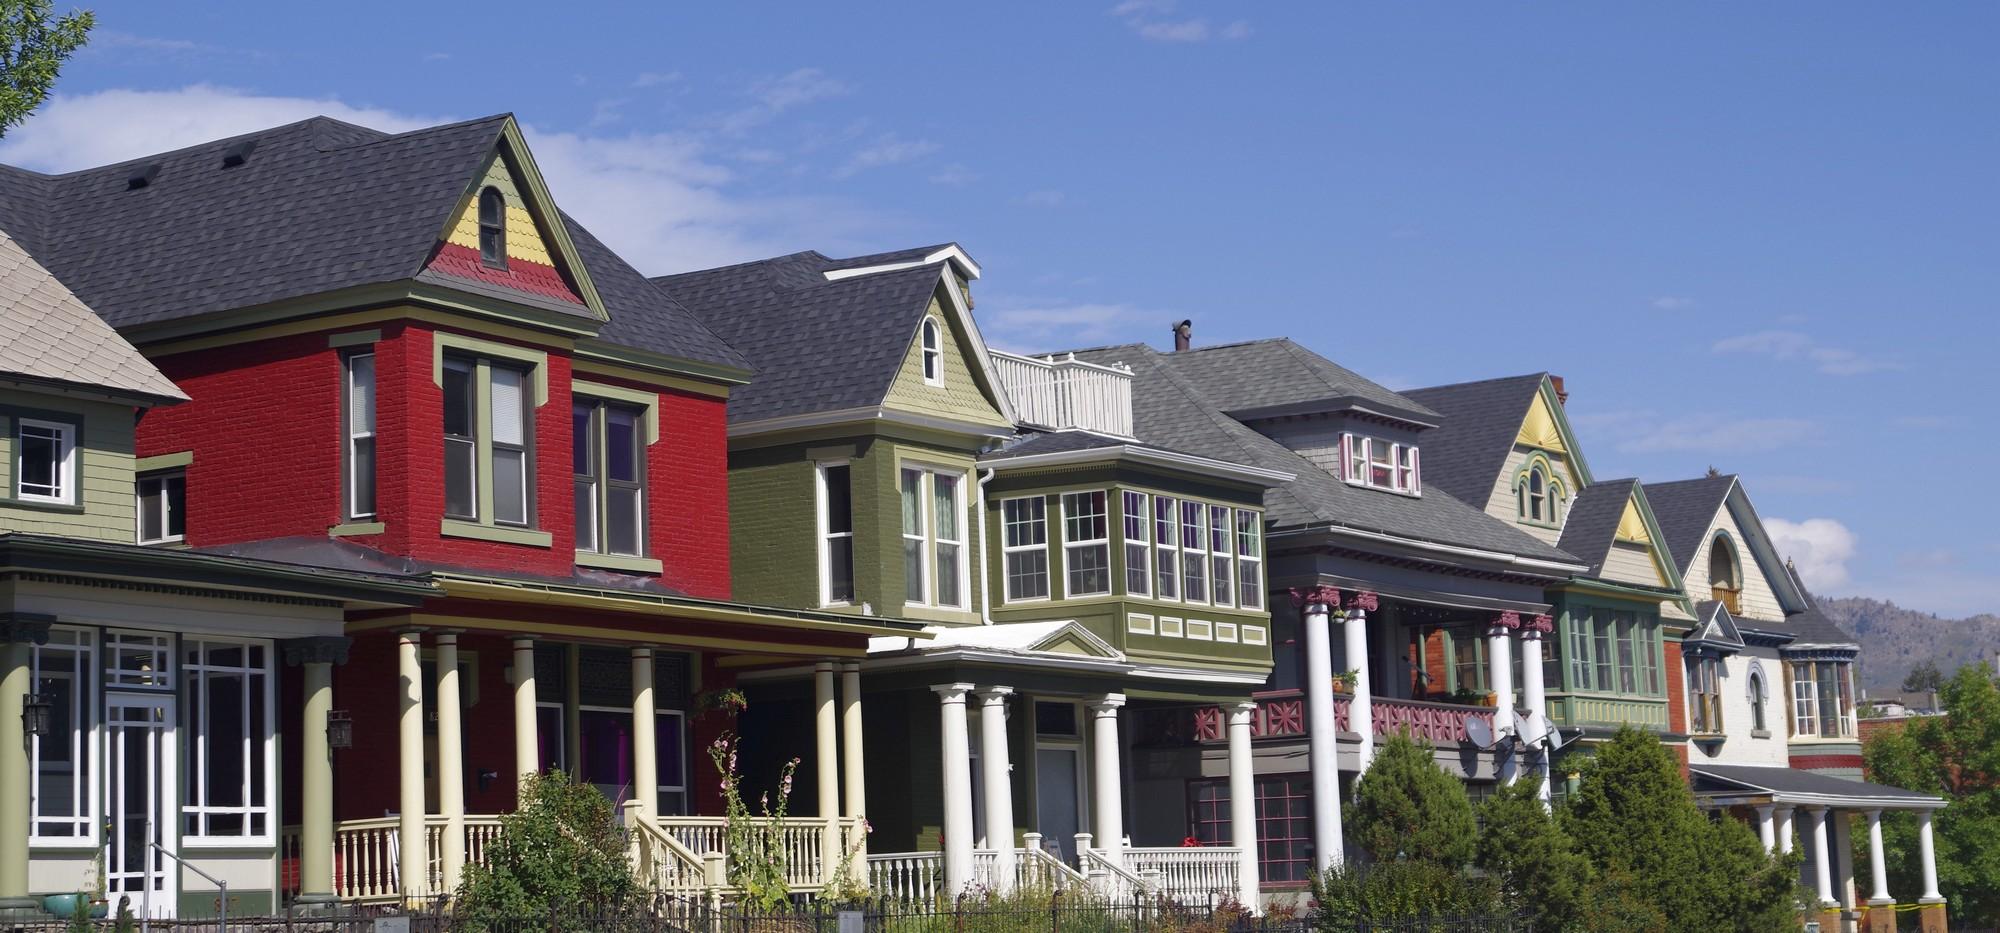 Butte riche demeure historique